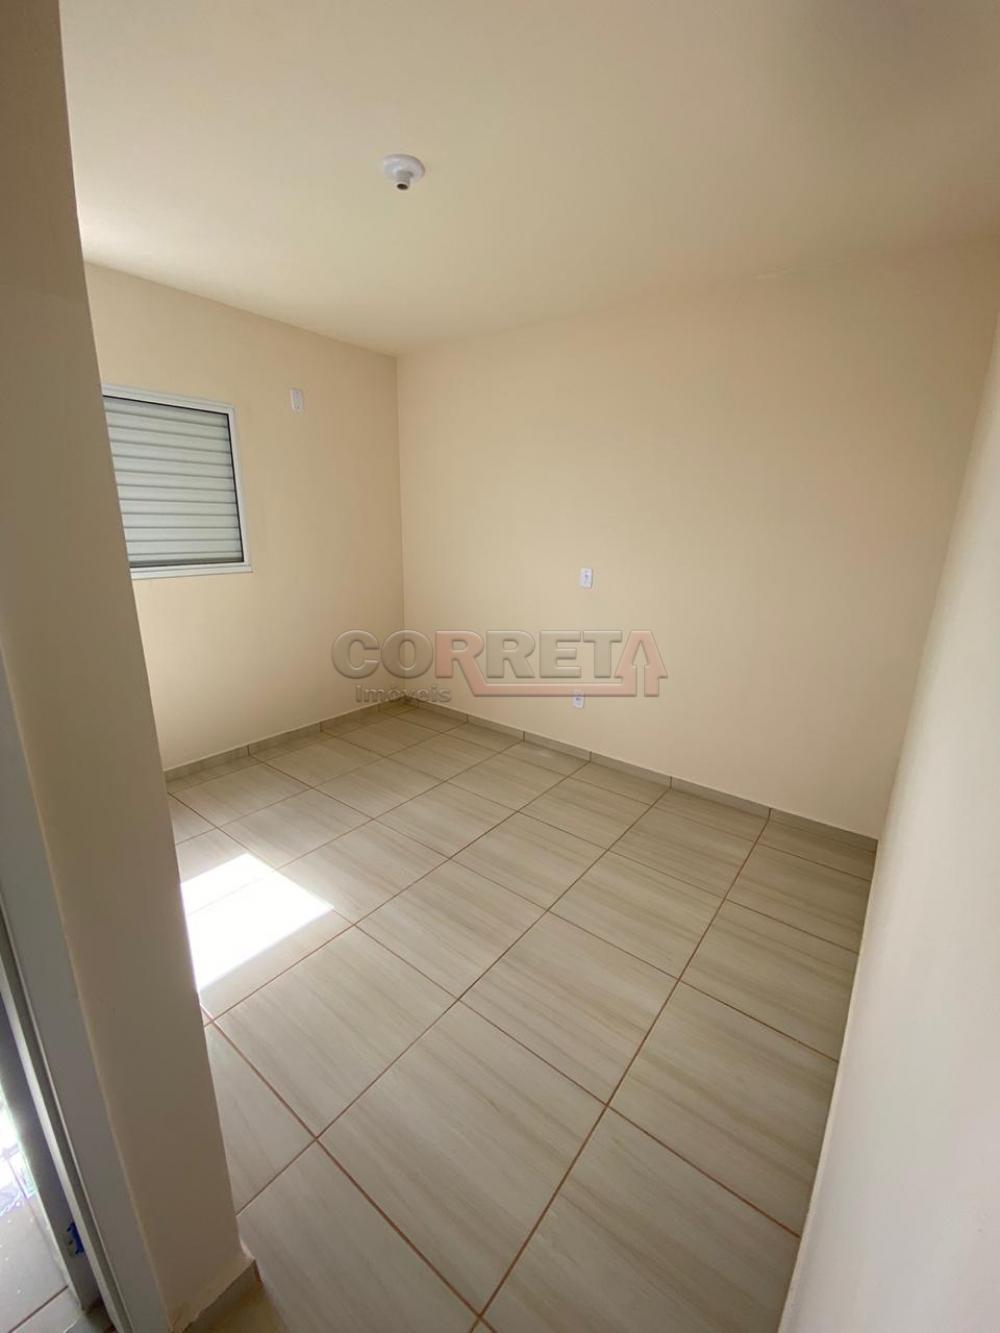 Comprar Apartamento / Padrão em Araçatuba apenas R$ 138.000,00 - Foto 8